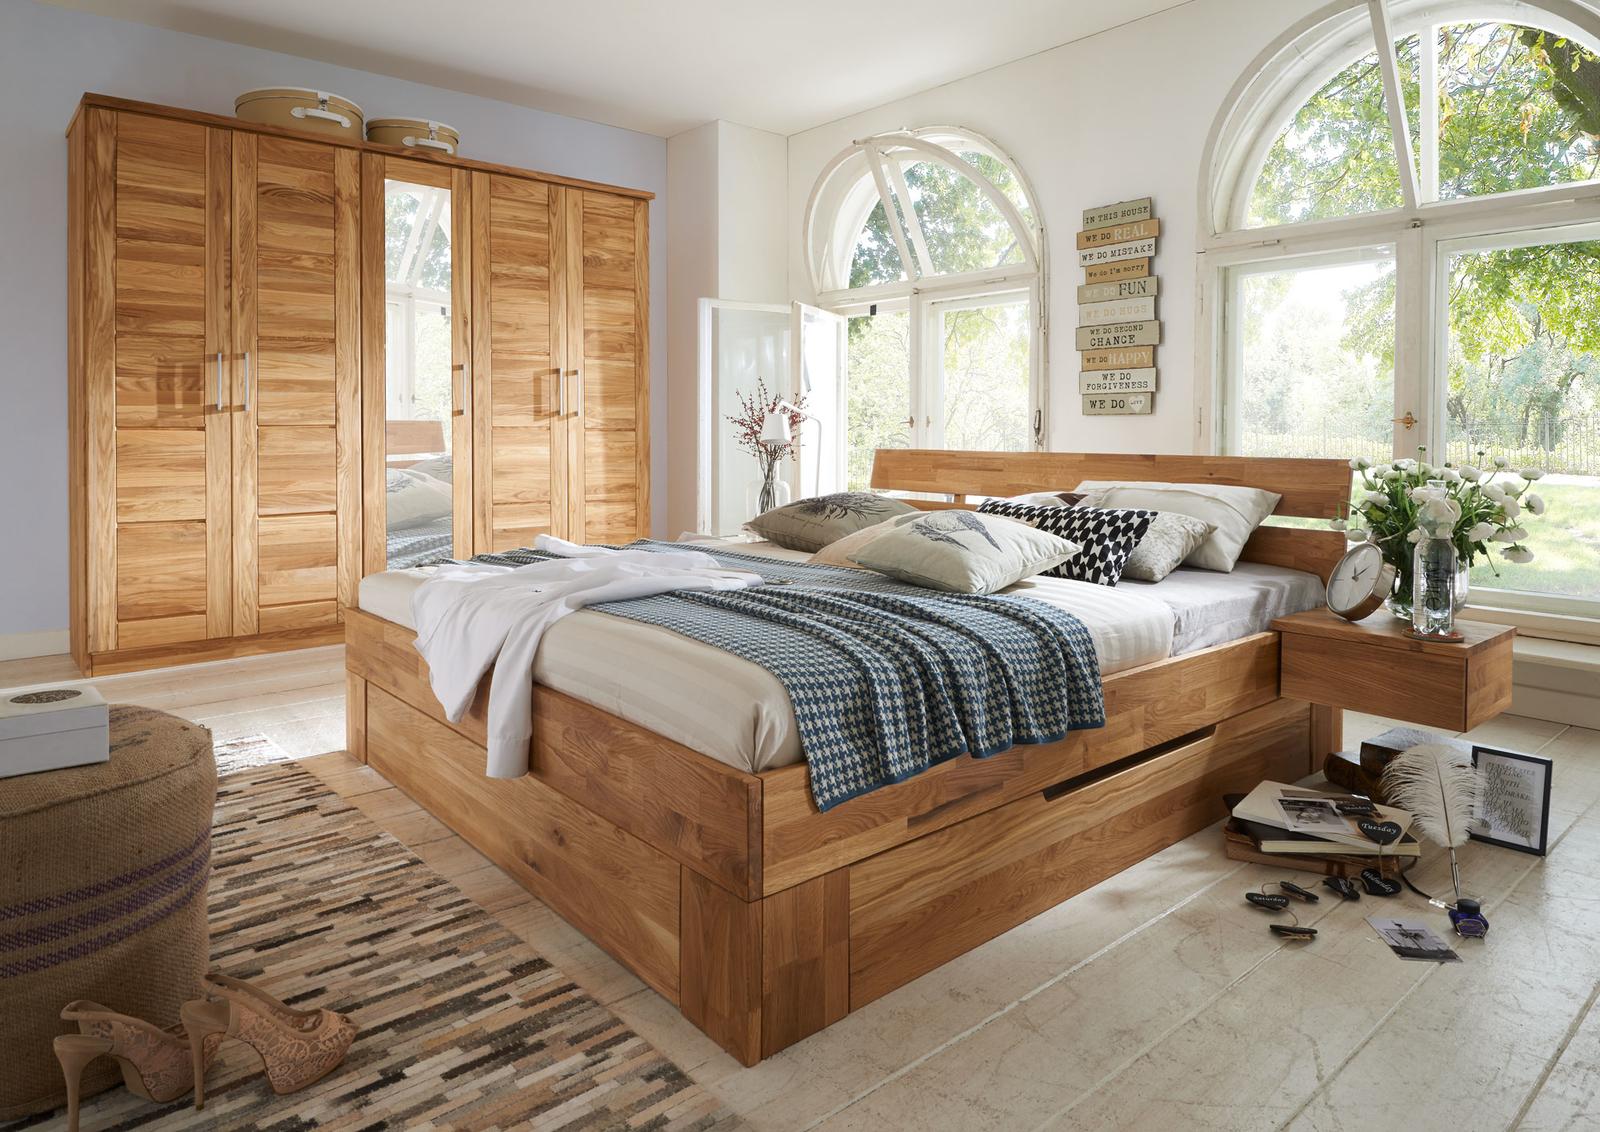 ... Massivholz Schlafzimmer Bett Modern Zen XT Mit Unterbausatz ...